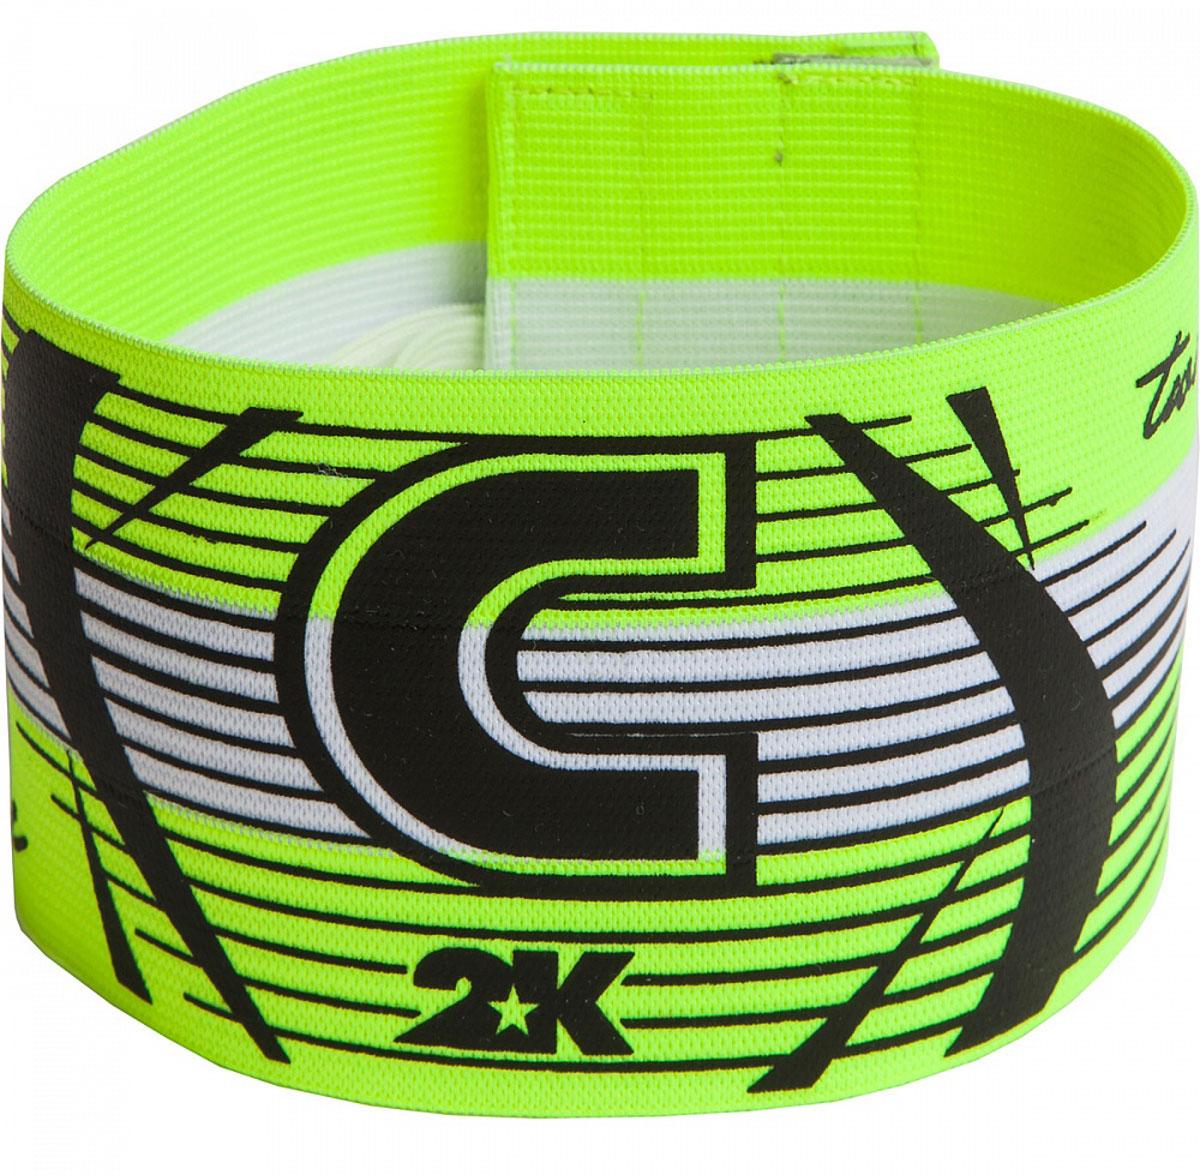 Повязка капитанская 2K Sport Captain, цвет: светло-зеленый, черныйконусЯркая повязка на руку 2K Sport Captain применяется для того, чтобы выделить на поле капитана команды. Выполнено изделие из высококачественного полиэстера. Размер универсальный.